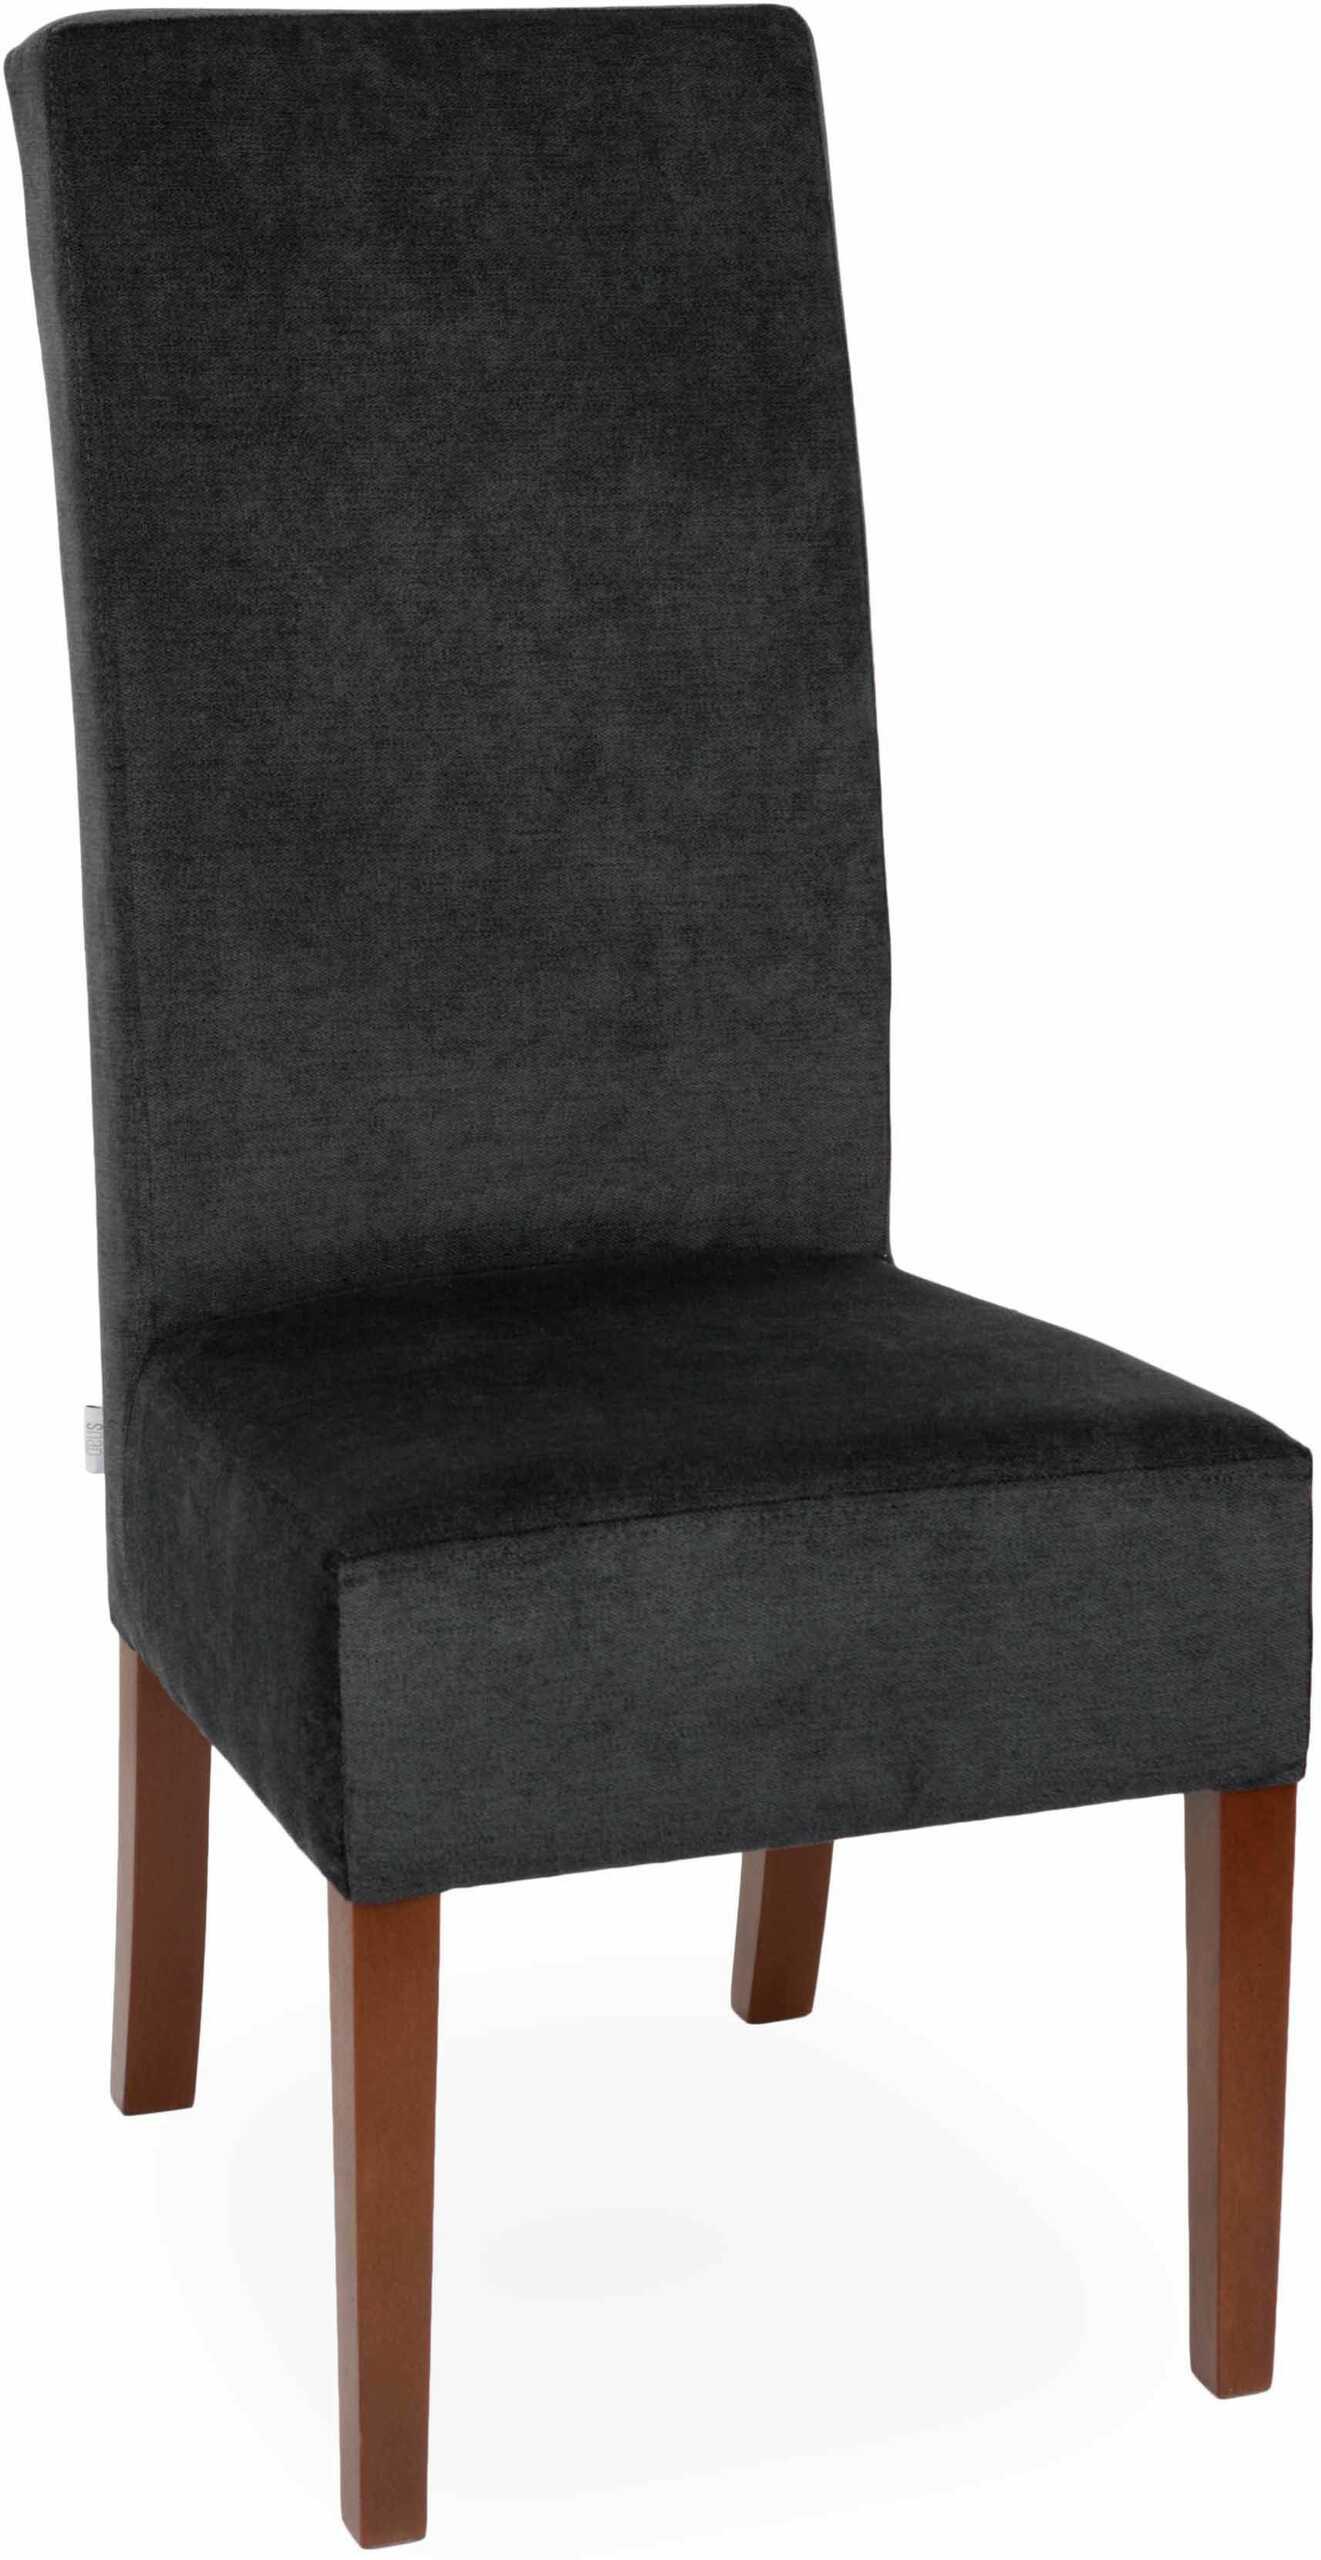 Krzesło Simple 108, prosta forma, wysokie oparcie, klasyczne, do jadalni, do restauracji, wygodne